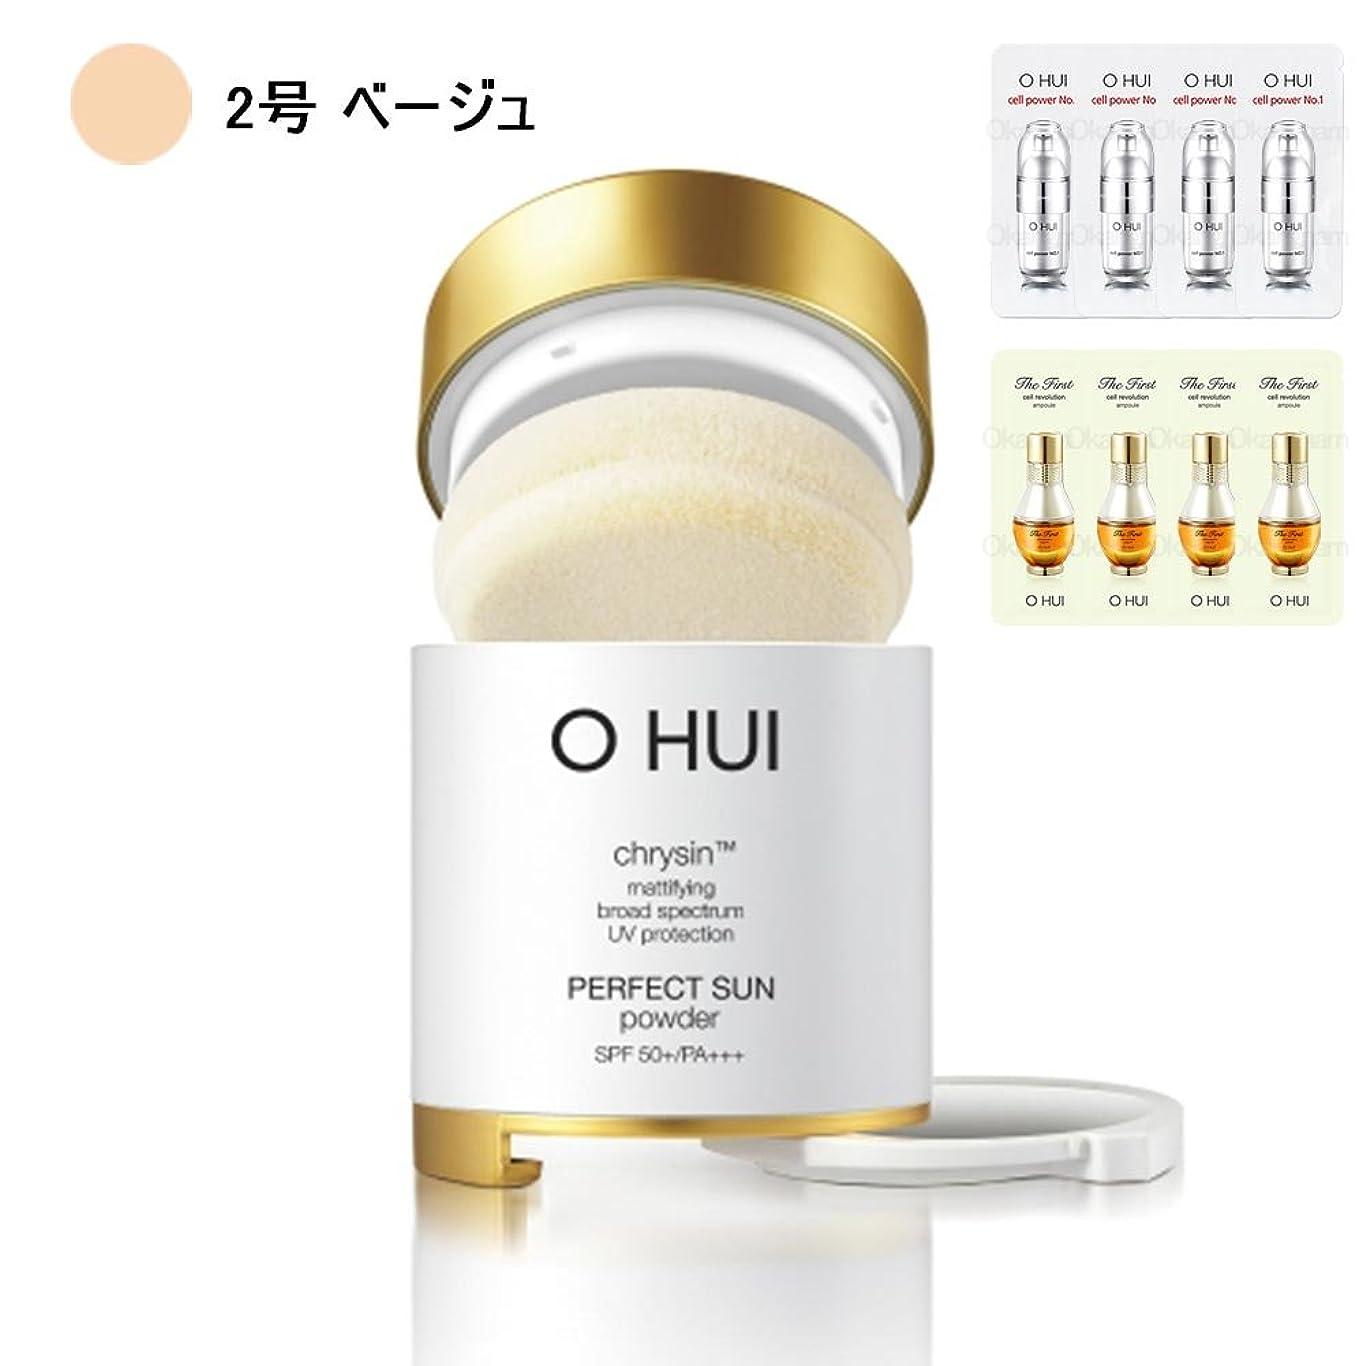 [オフィ/O HUI]韓国化粧品 LG生活健康/OHUI OFS06 PERFECT SUN POWDER/オフィ パーフェクトサンパウダー 2号 (SPF50+/PA+++) +[Sample Gift](海外直送品)